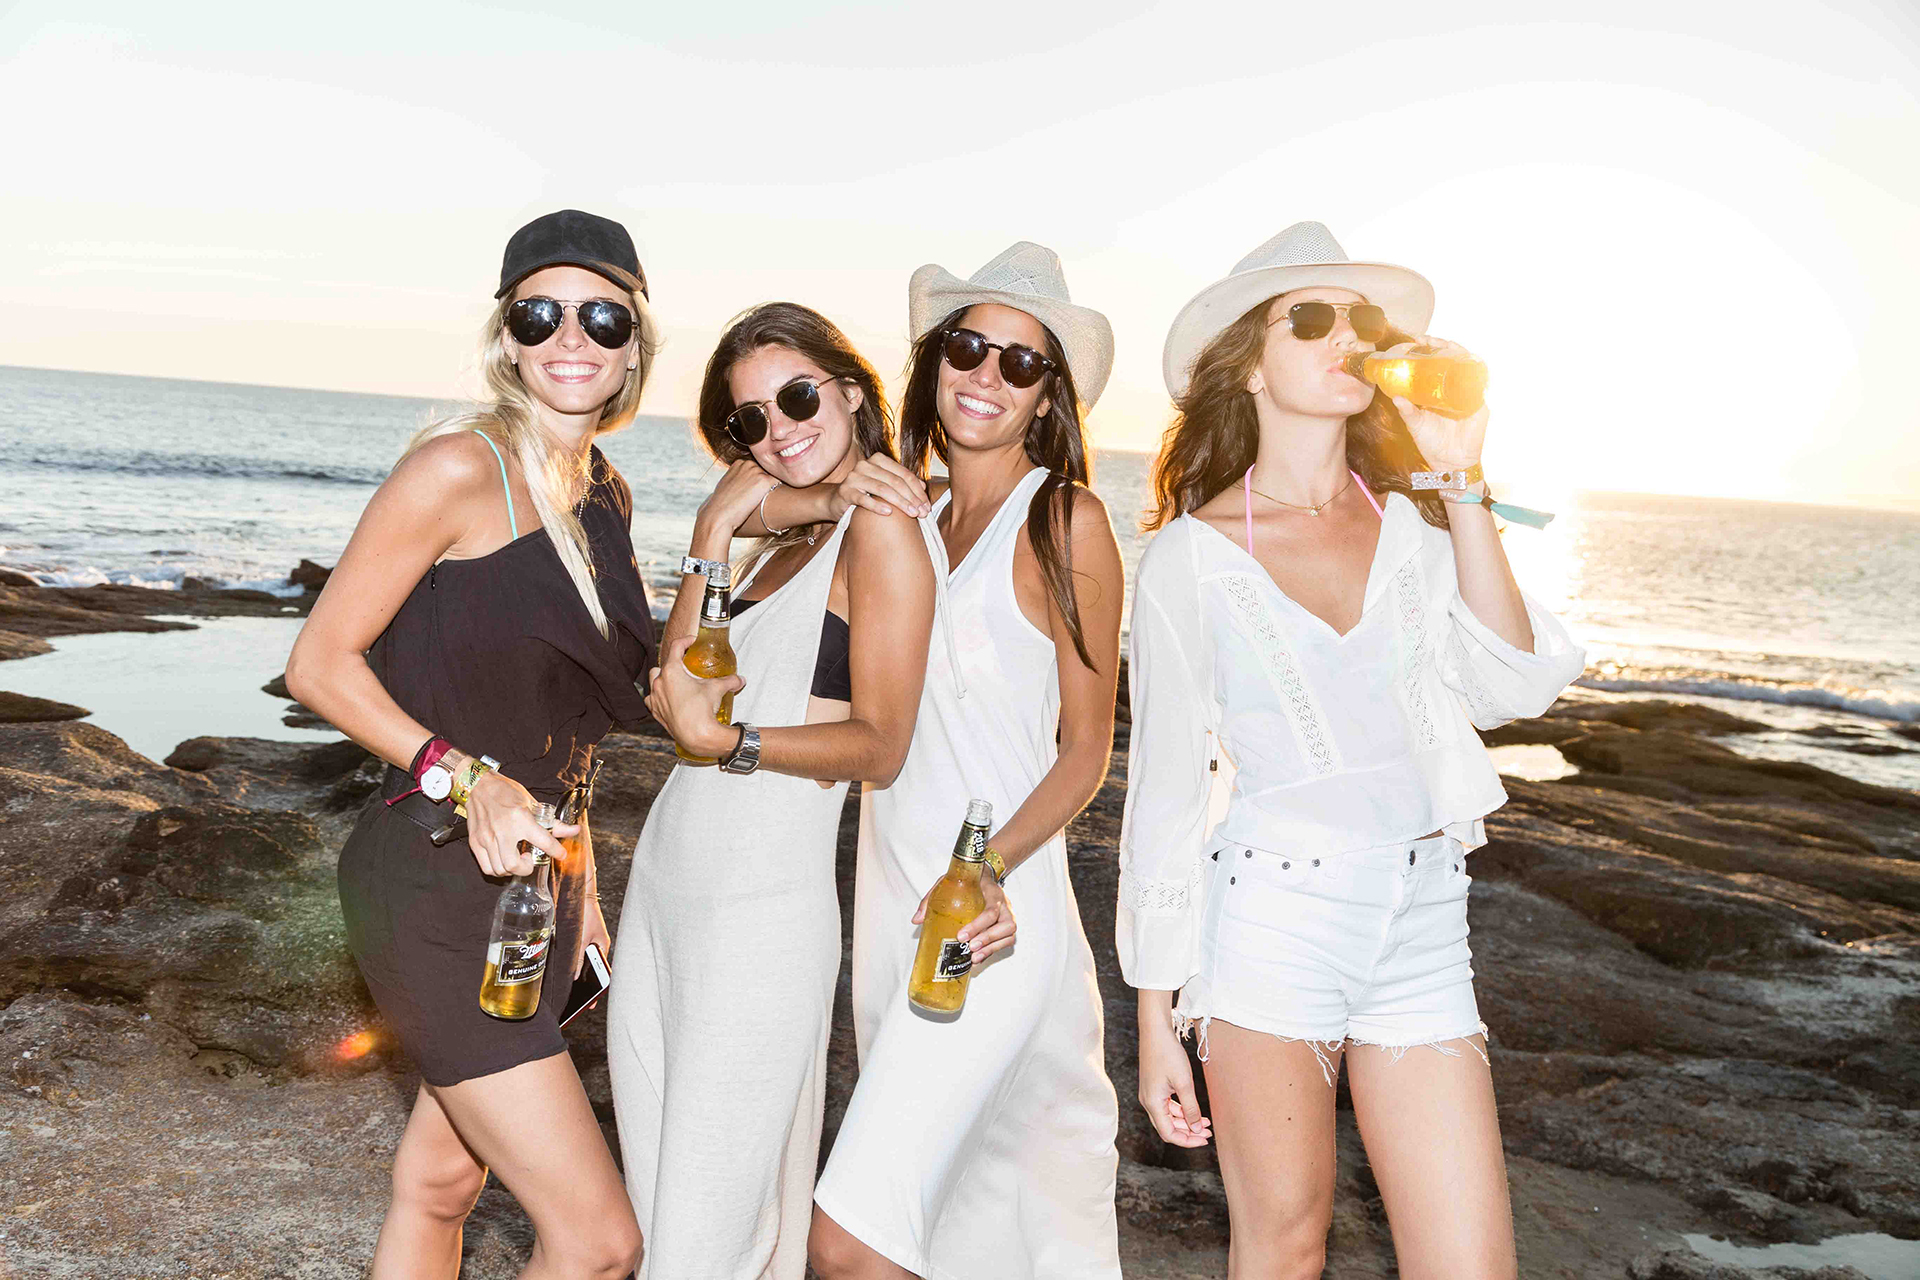 Lucía Medina, Pilar Moya, Rocío Rondina y Candela Cifre en el Sunset Miller Genuine Draft en La Choza de Mar, en Punta del Este